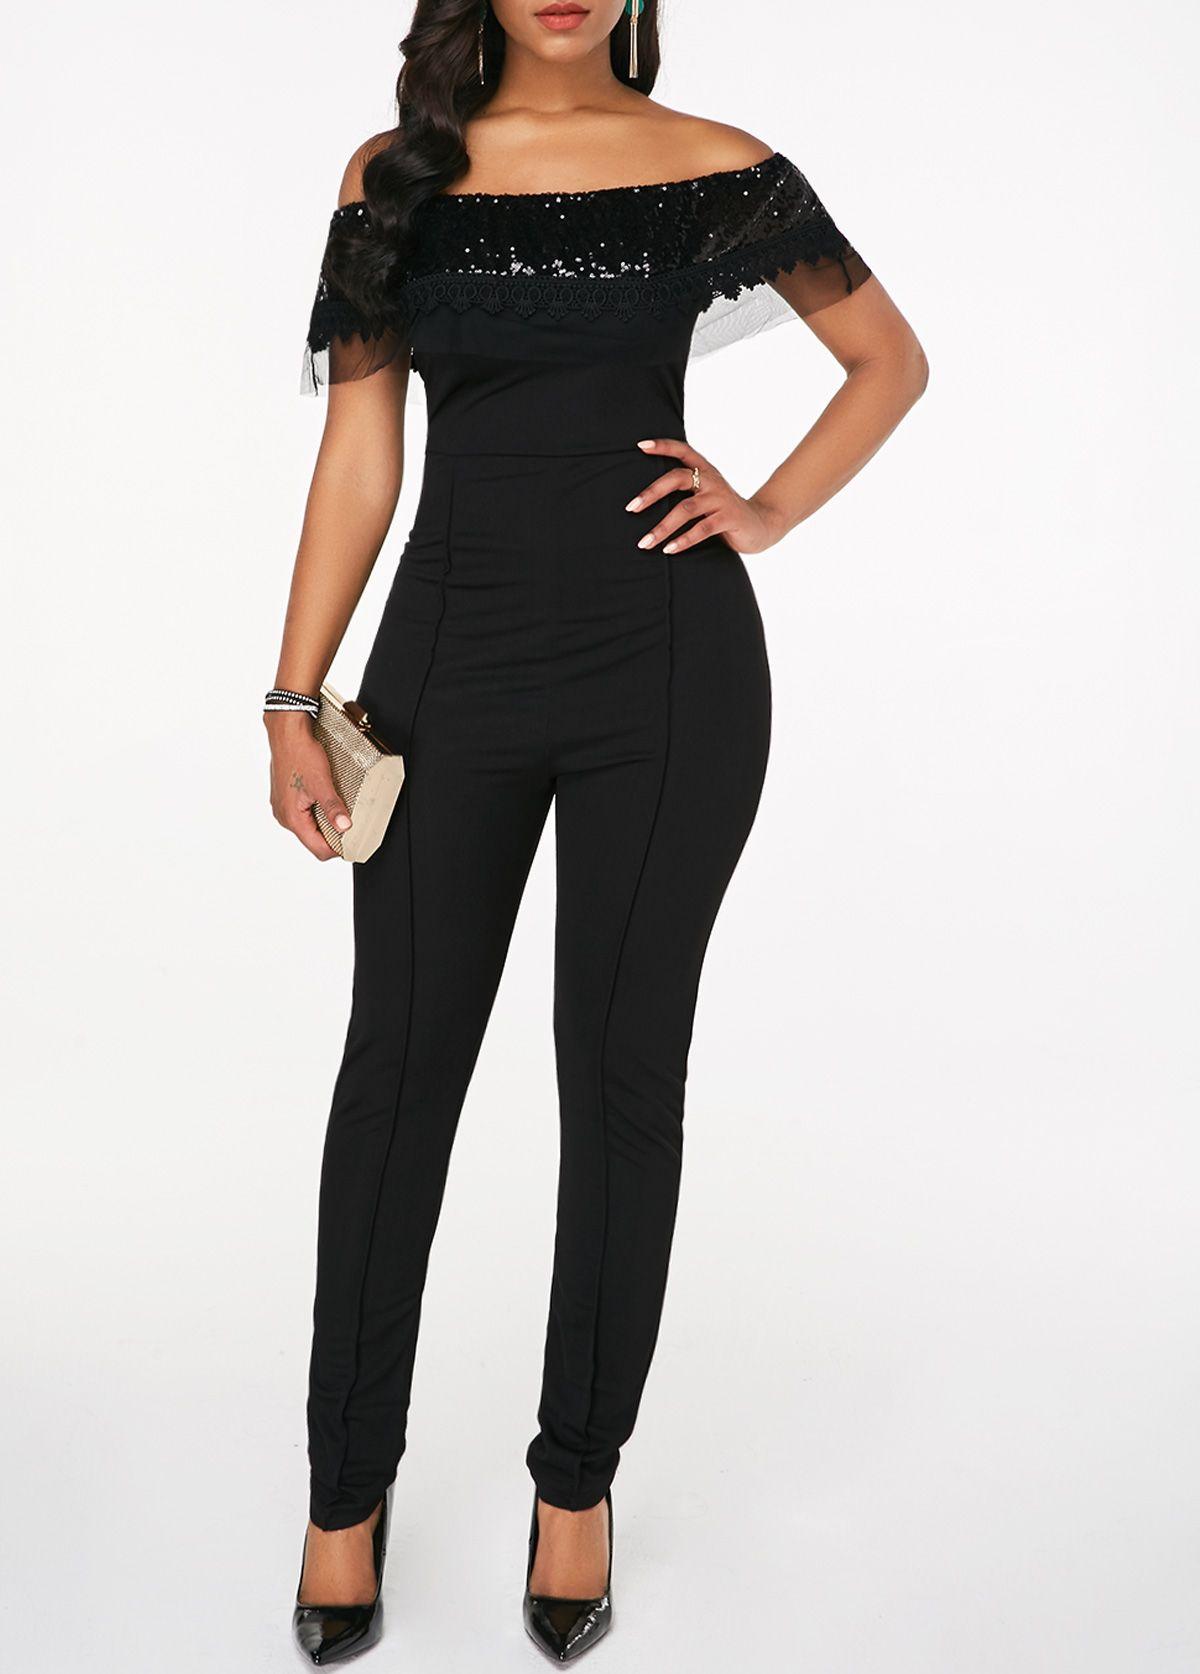 981f989aea8 Sequin Embellished Off the Shoulder Black Jumpsuit